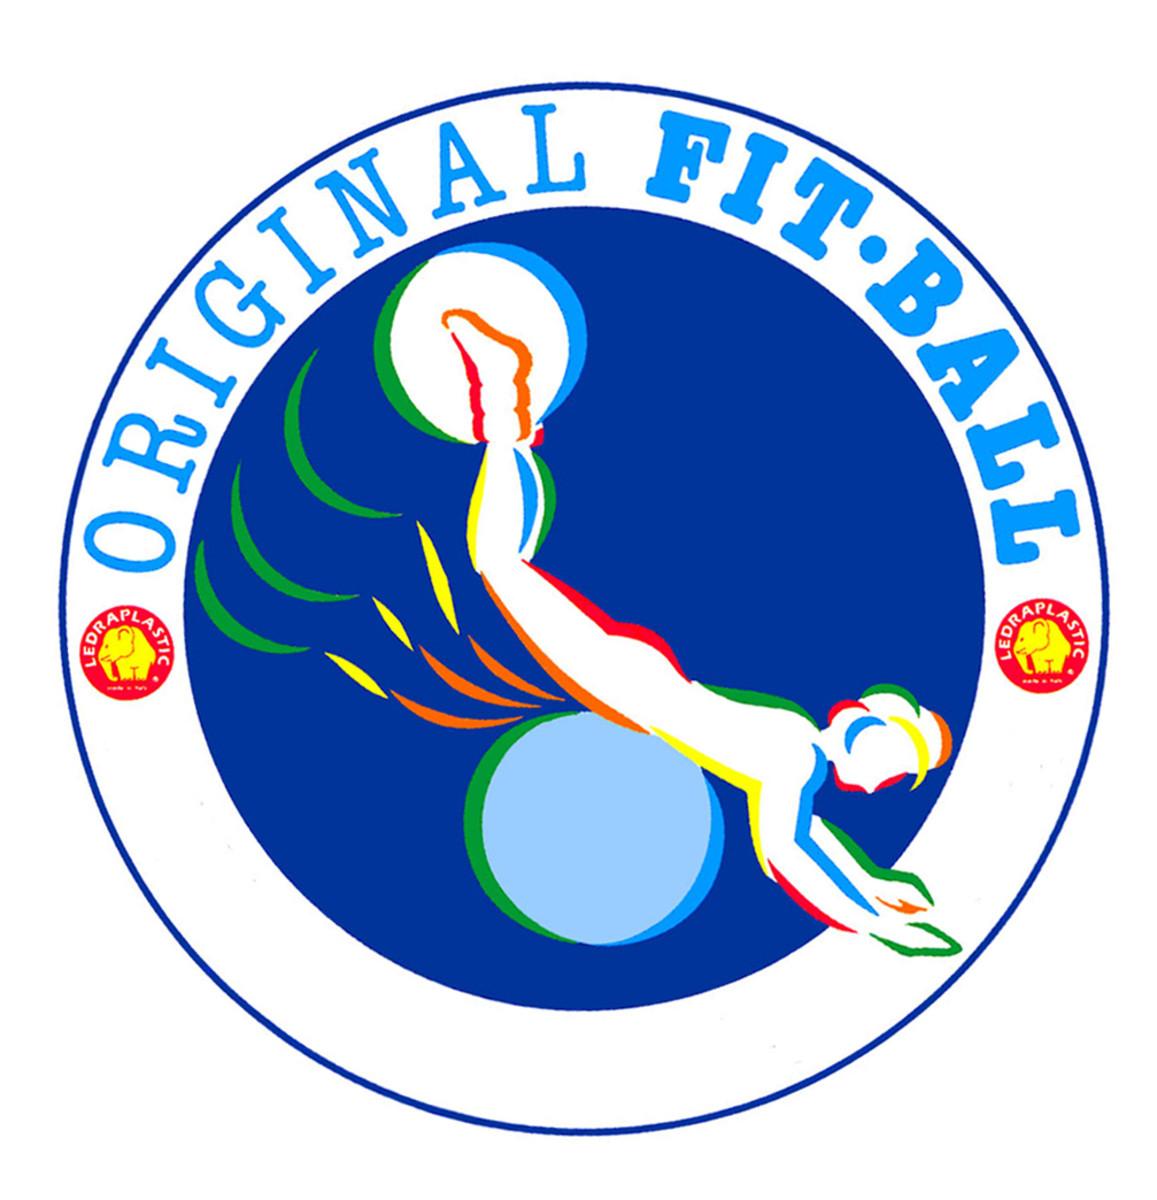 Bosu Ball Original: History Of The Balance Ball And Bosu